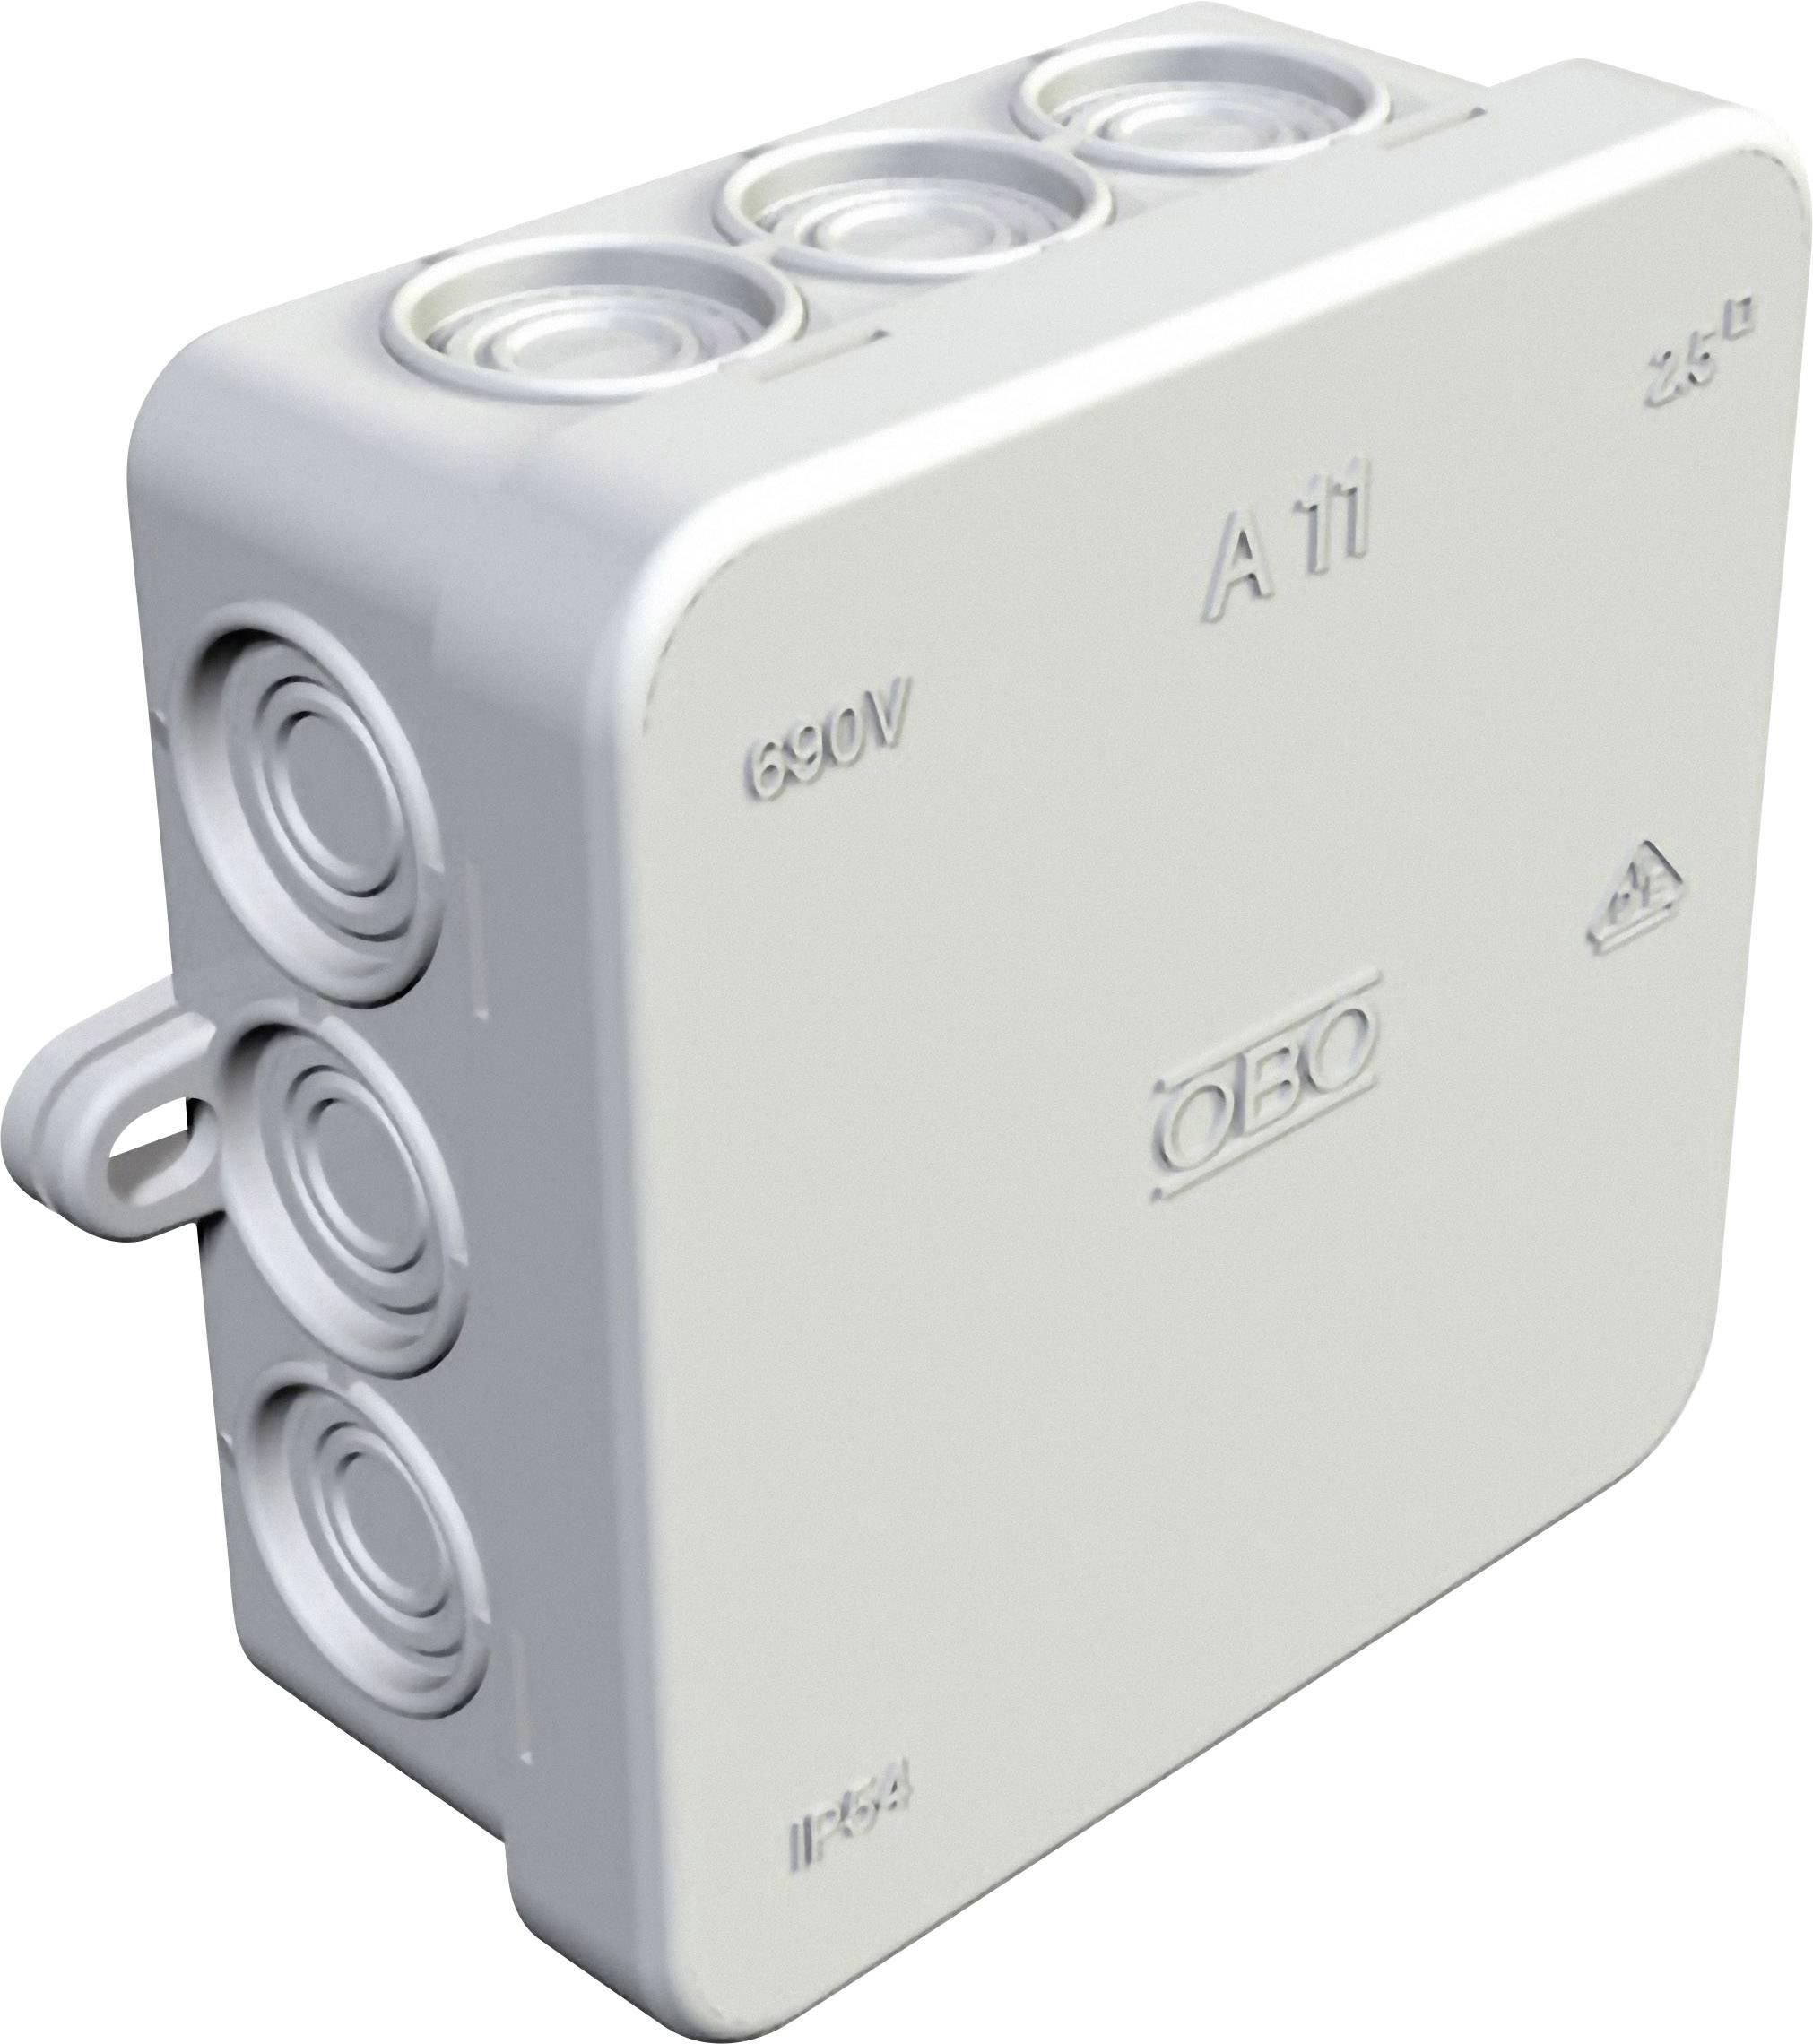 Rozbočovací krabice pro povrchovou montáž na omítku, do vlhkého prostředí OBO Bettermann 347114008, (d x š x v) 85 x 85 x 40.5 mm, IP54, světle šedá